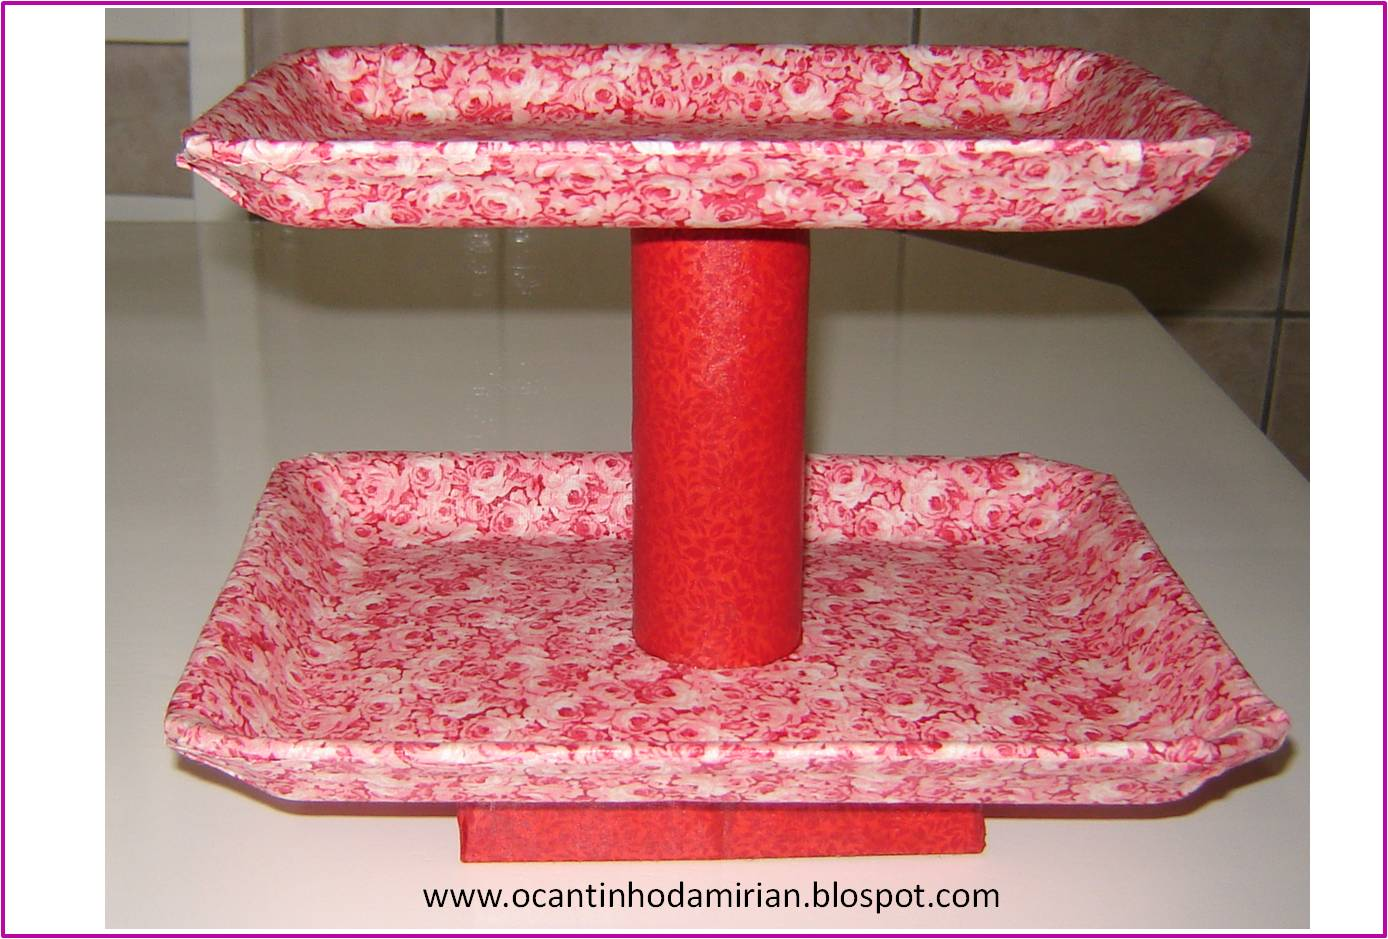 para fazer este suporte para bolo eu utilizei 2 bandejas de isopor de  #A6252B 1388x939